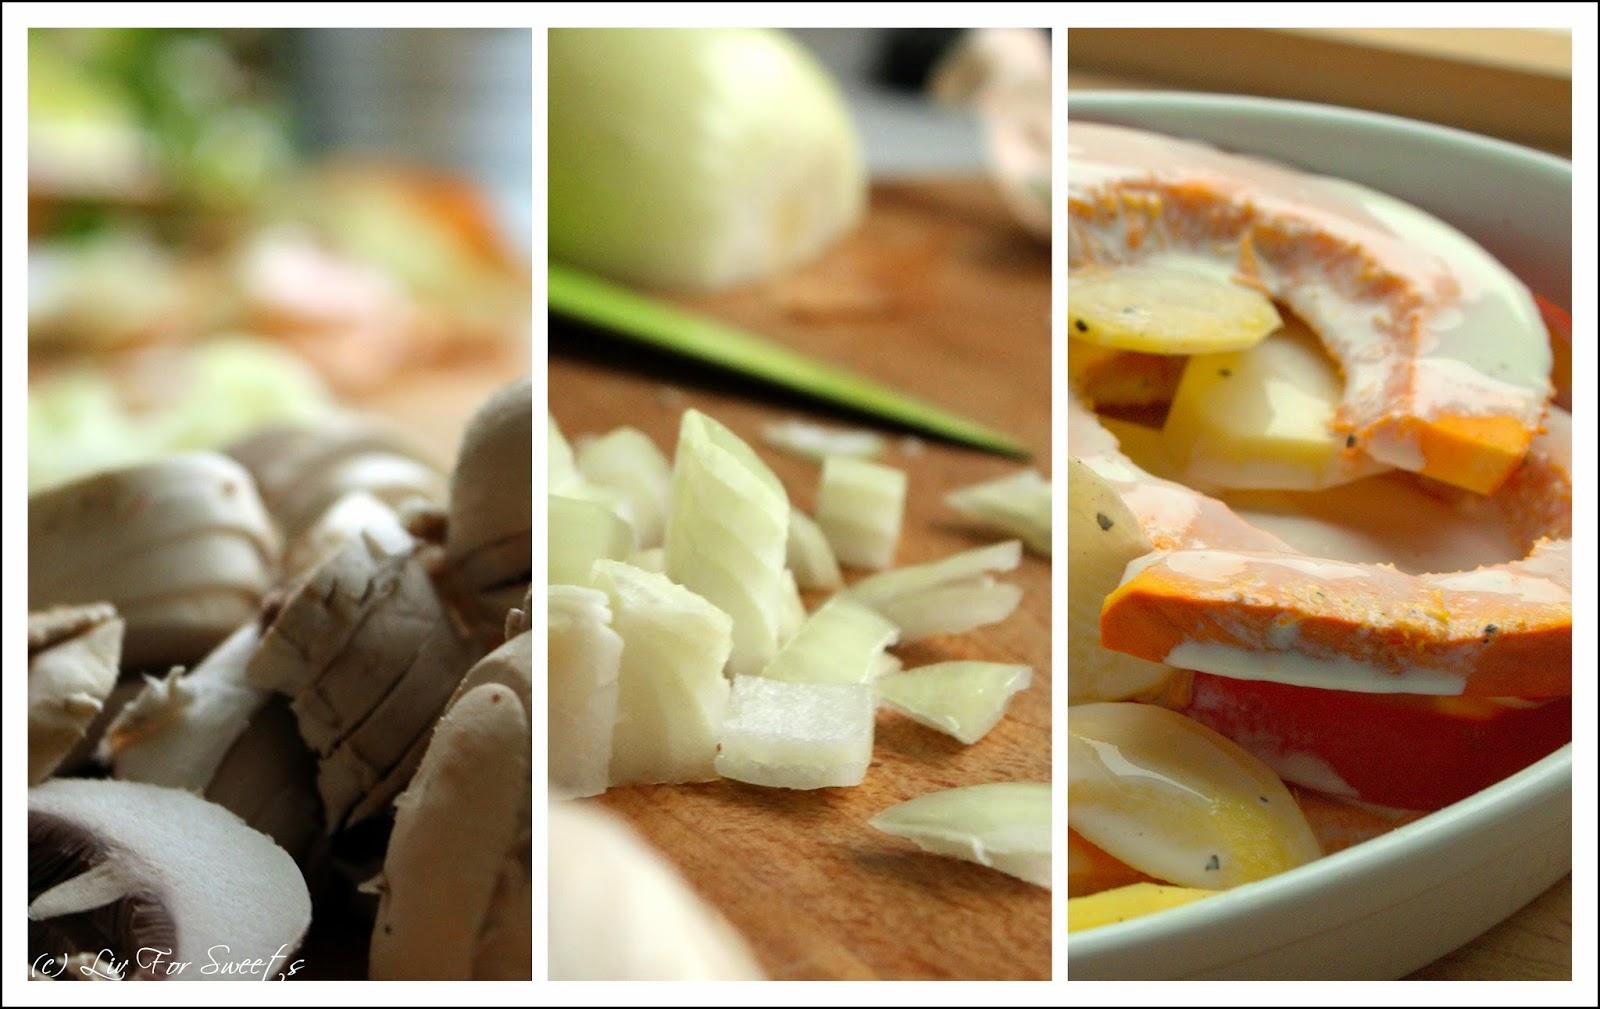 Champignons in Scheiben geschnitten, Zwiebel gewürfelt, Kuerbisspalten und Kartoffelscheiben in Auflaufform mit Soja-Creme übergossen